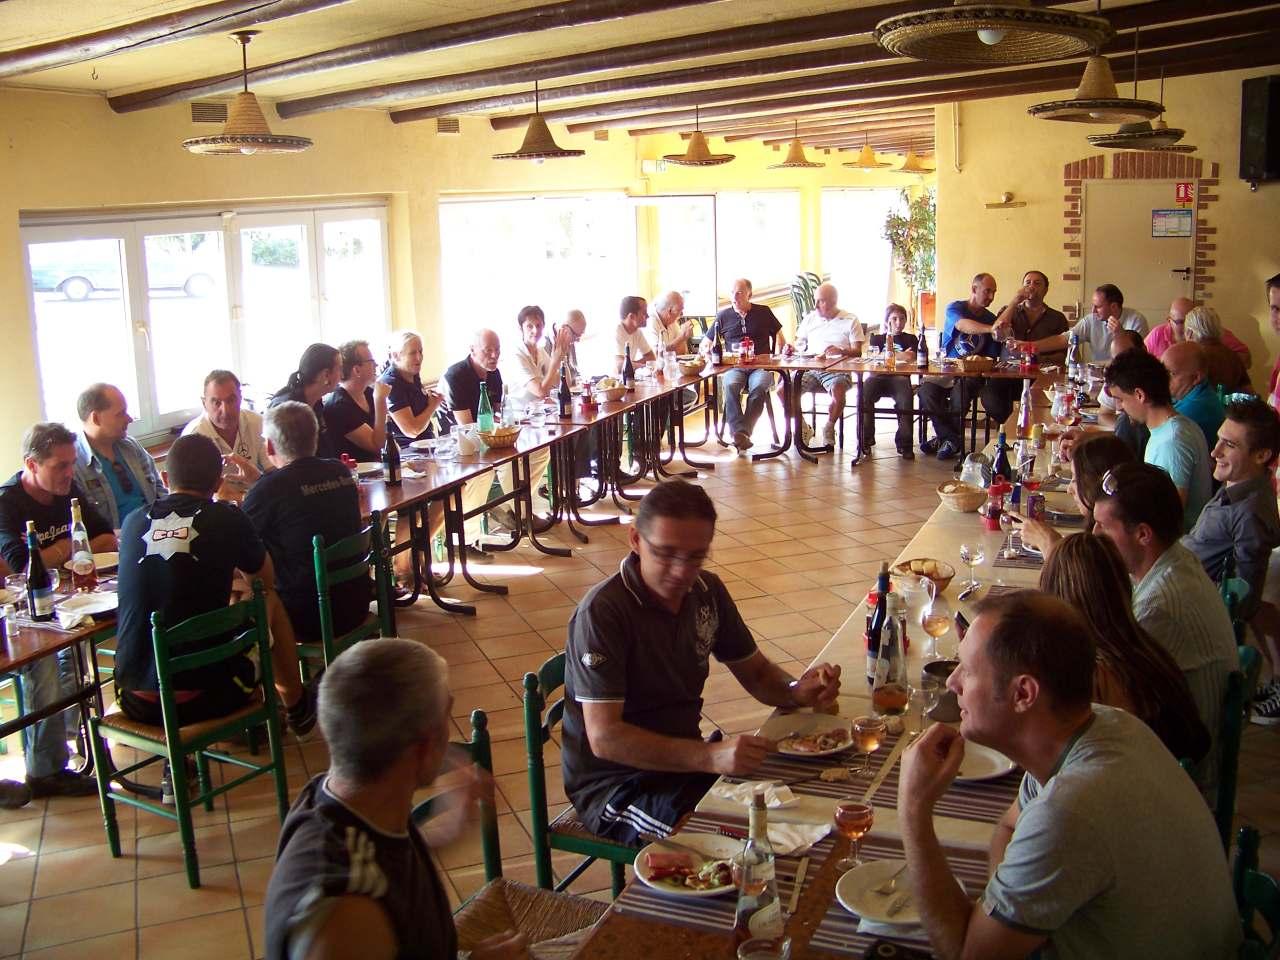 [Rasso] 22 Septembre 2012 - Rassemblement Dans Le Sud De La France (Orgon) Orgon-120922-048